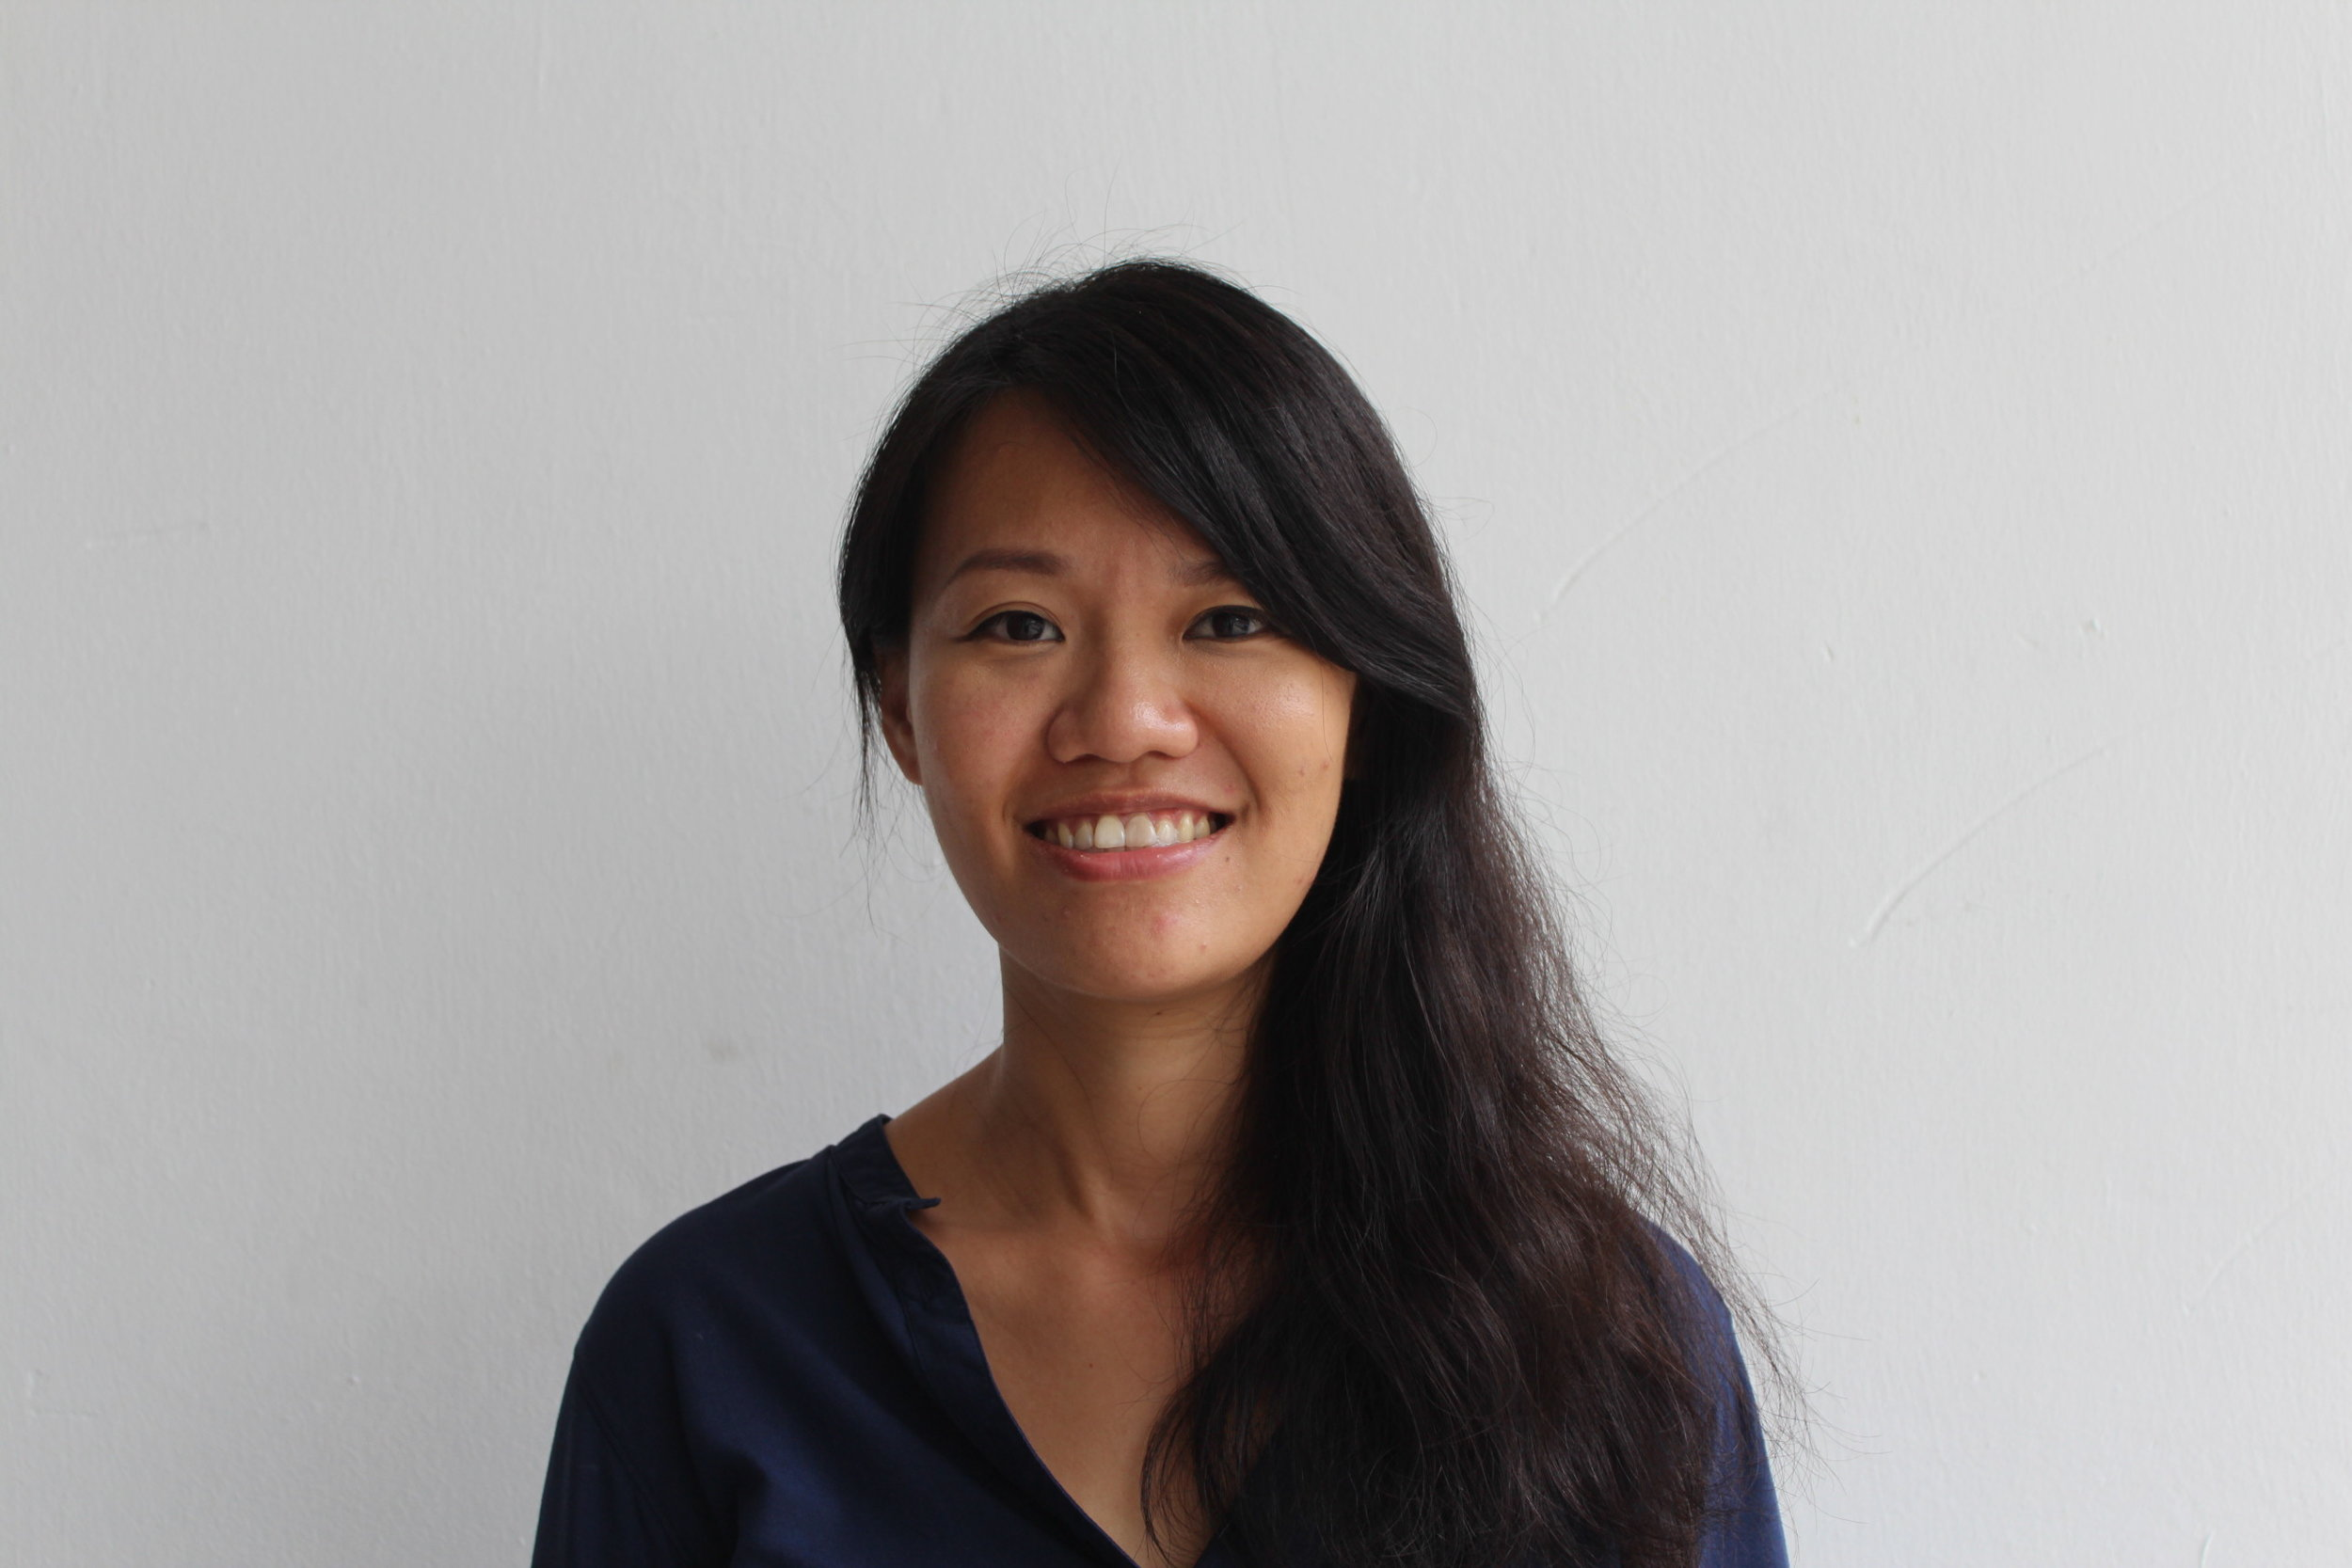 Wanyi Zeng.JPG